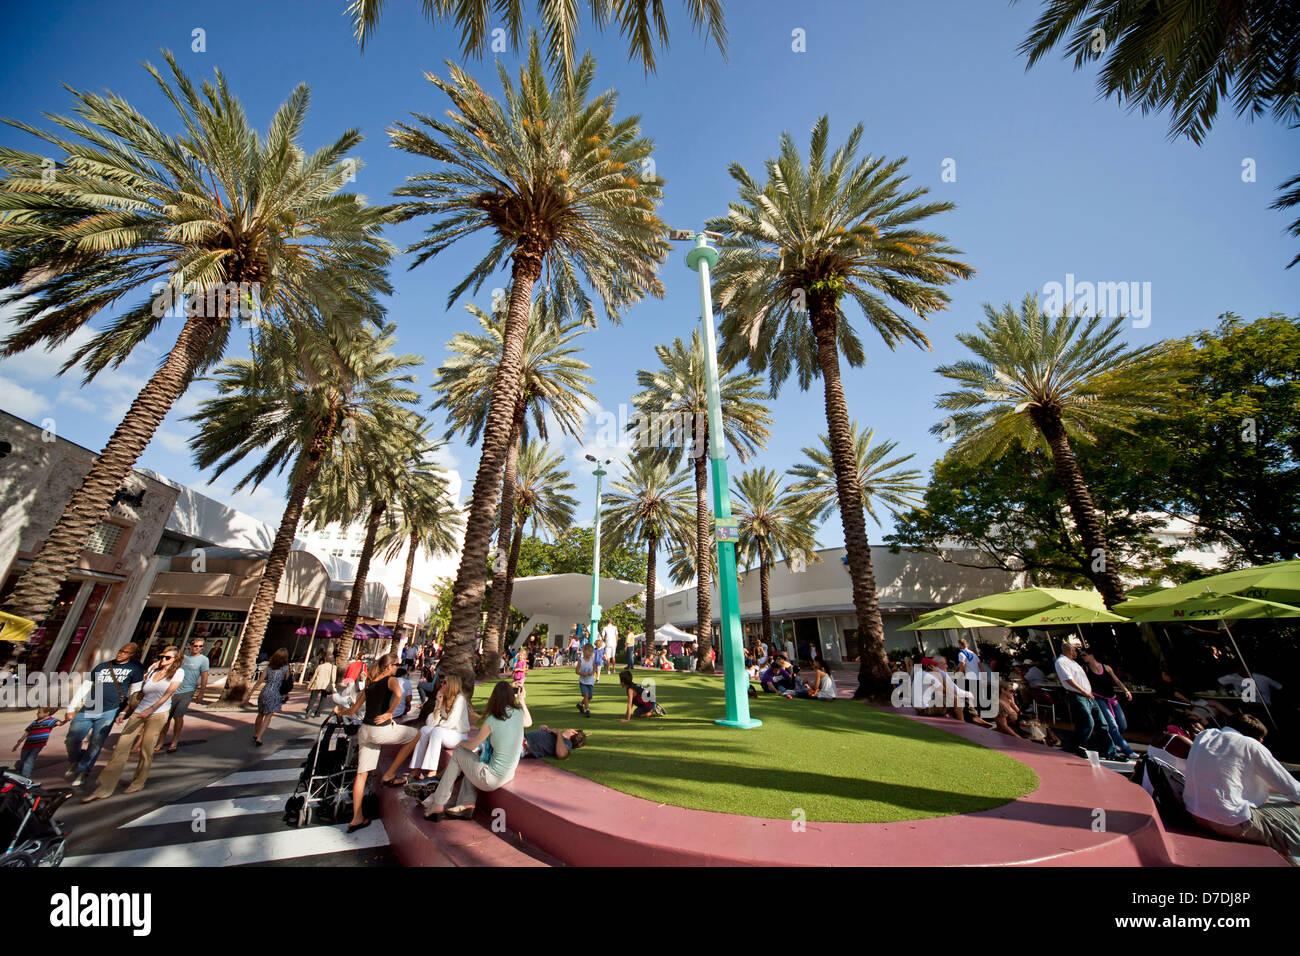 Shopping Mall In Palm Beach Florida